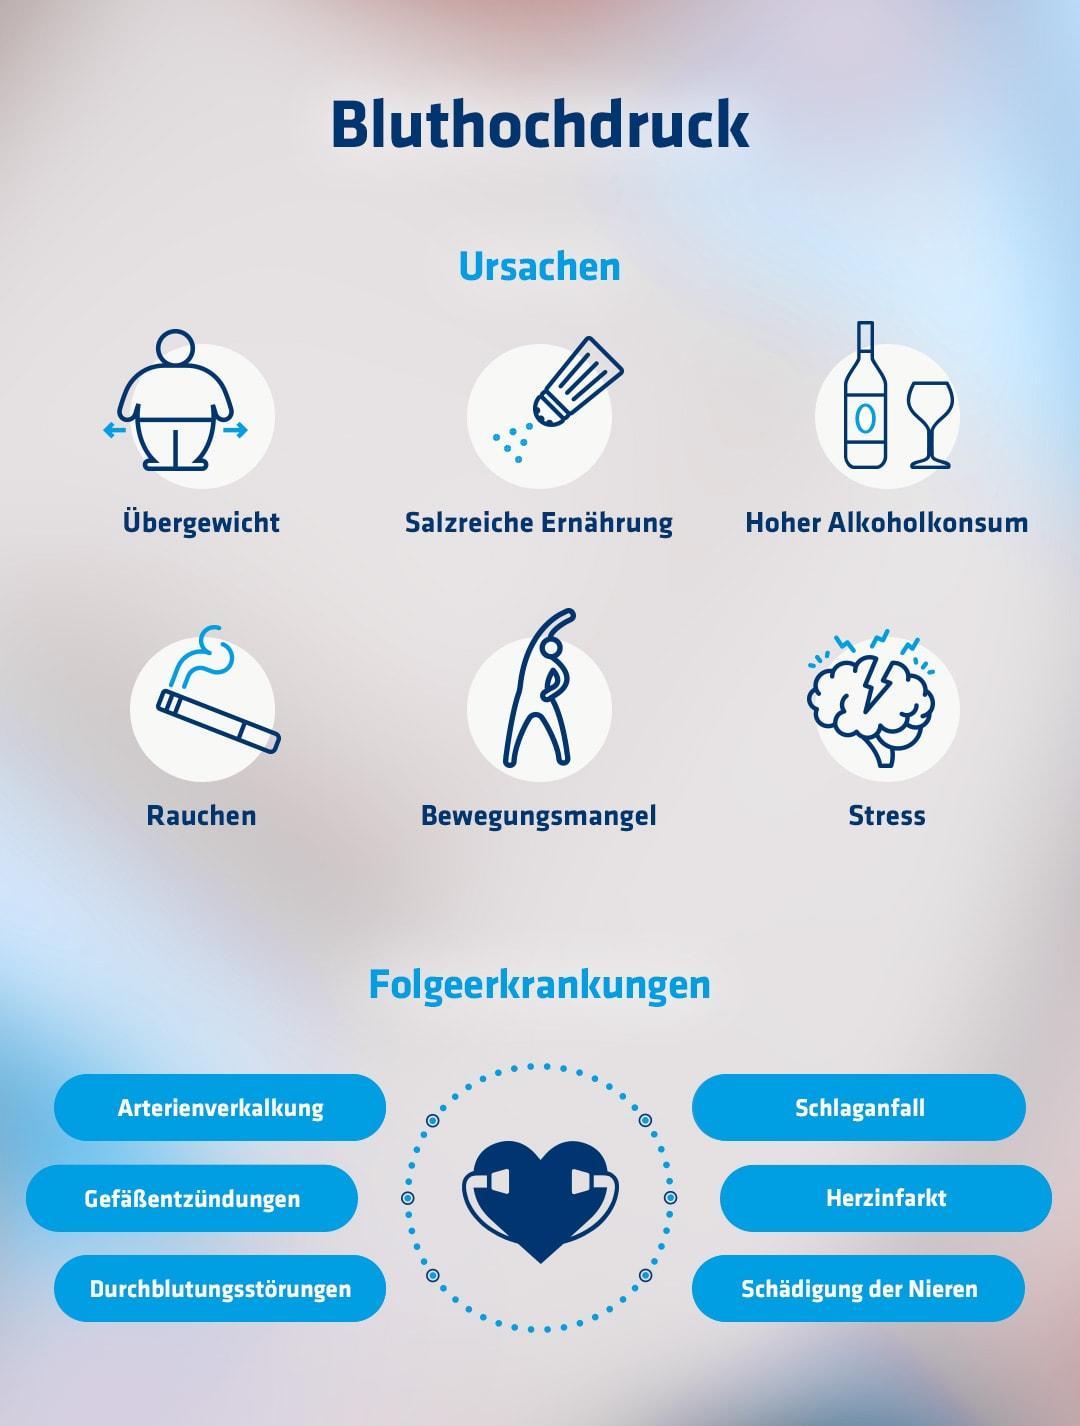 Auflistung von Bluthochdruck-Ursachen anhand von Icons sowie Übersicht der Folgeerkrankungen